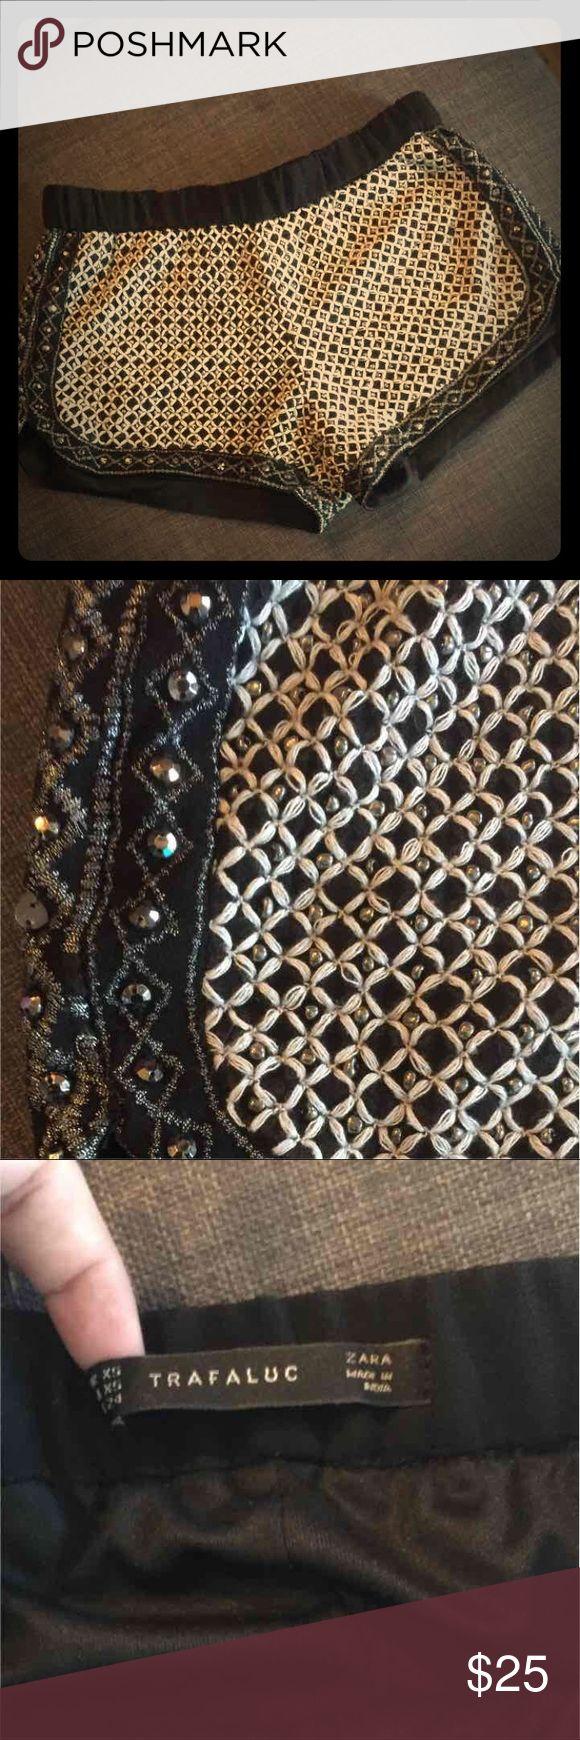 Trafaluc for Zara shorts Beaded dolphin shorts. Great condition. Size xs Zara Shorts